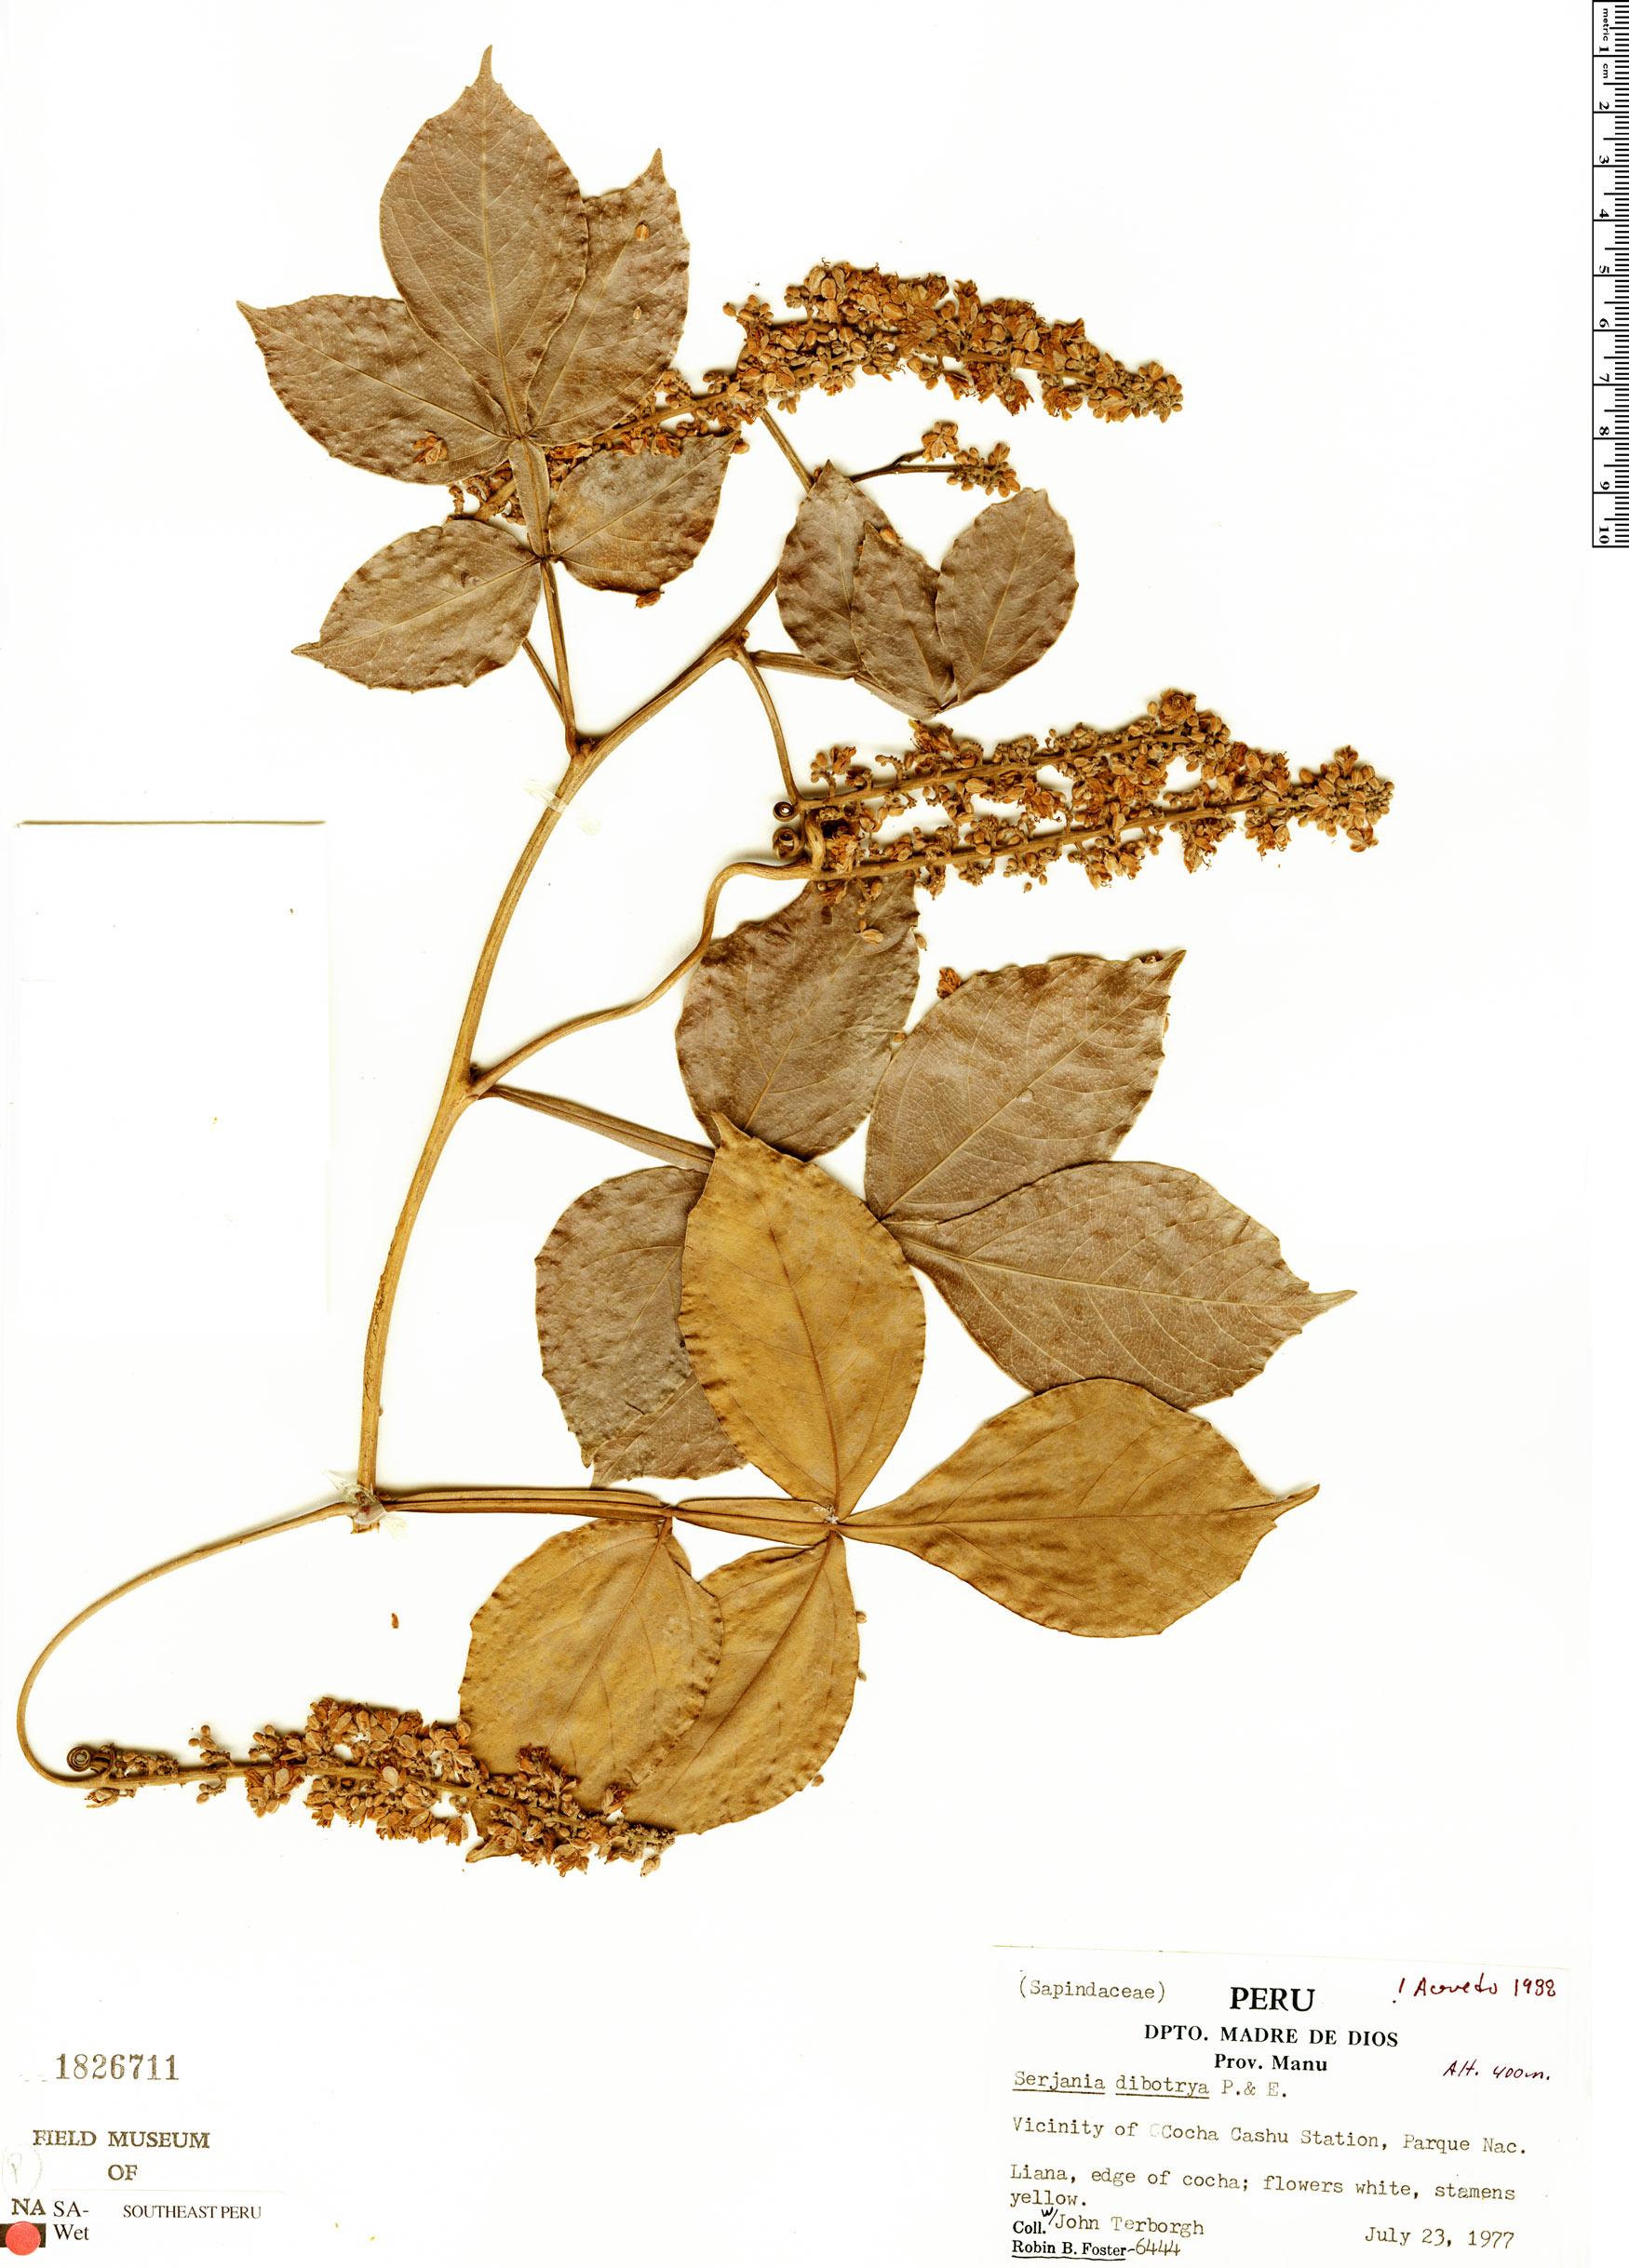 Specimen: Serjania dibotrya